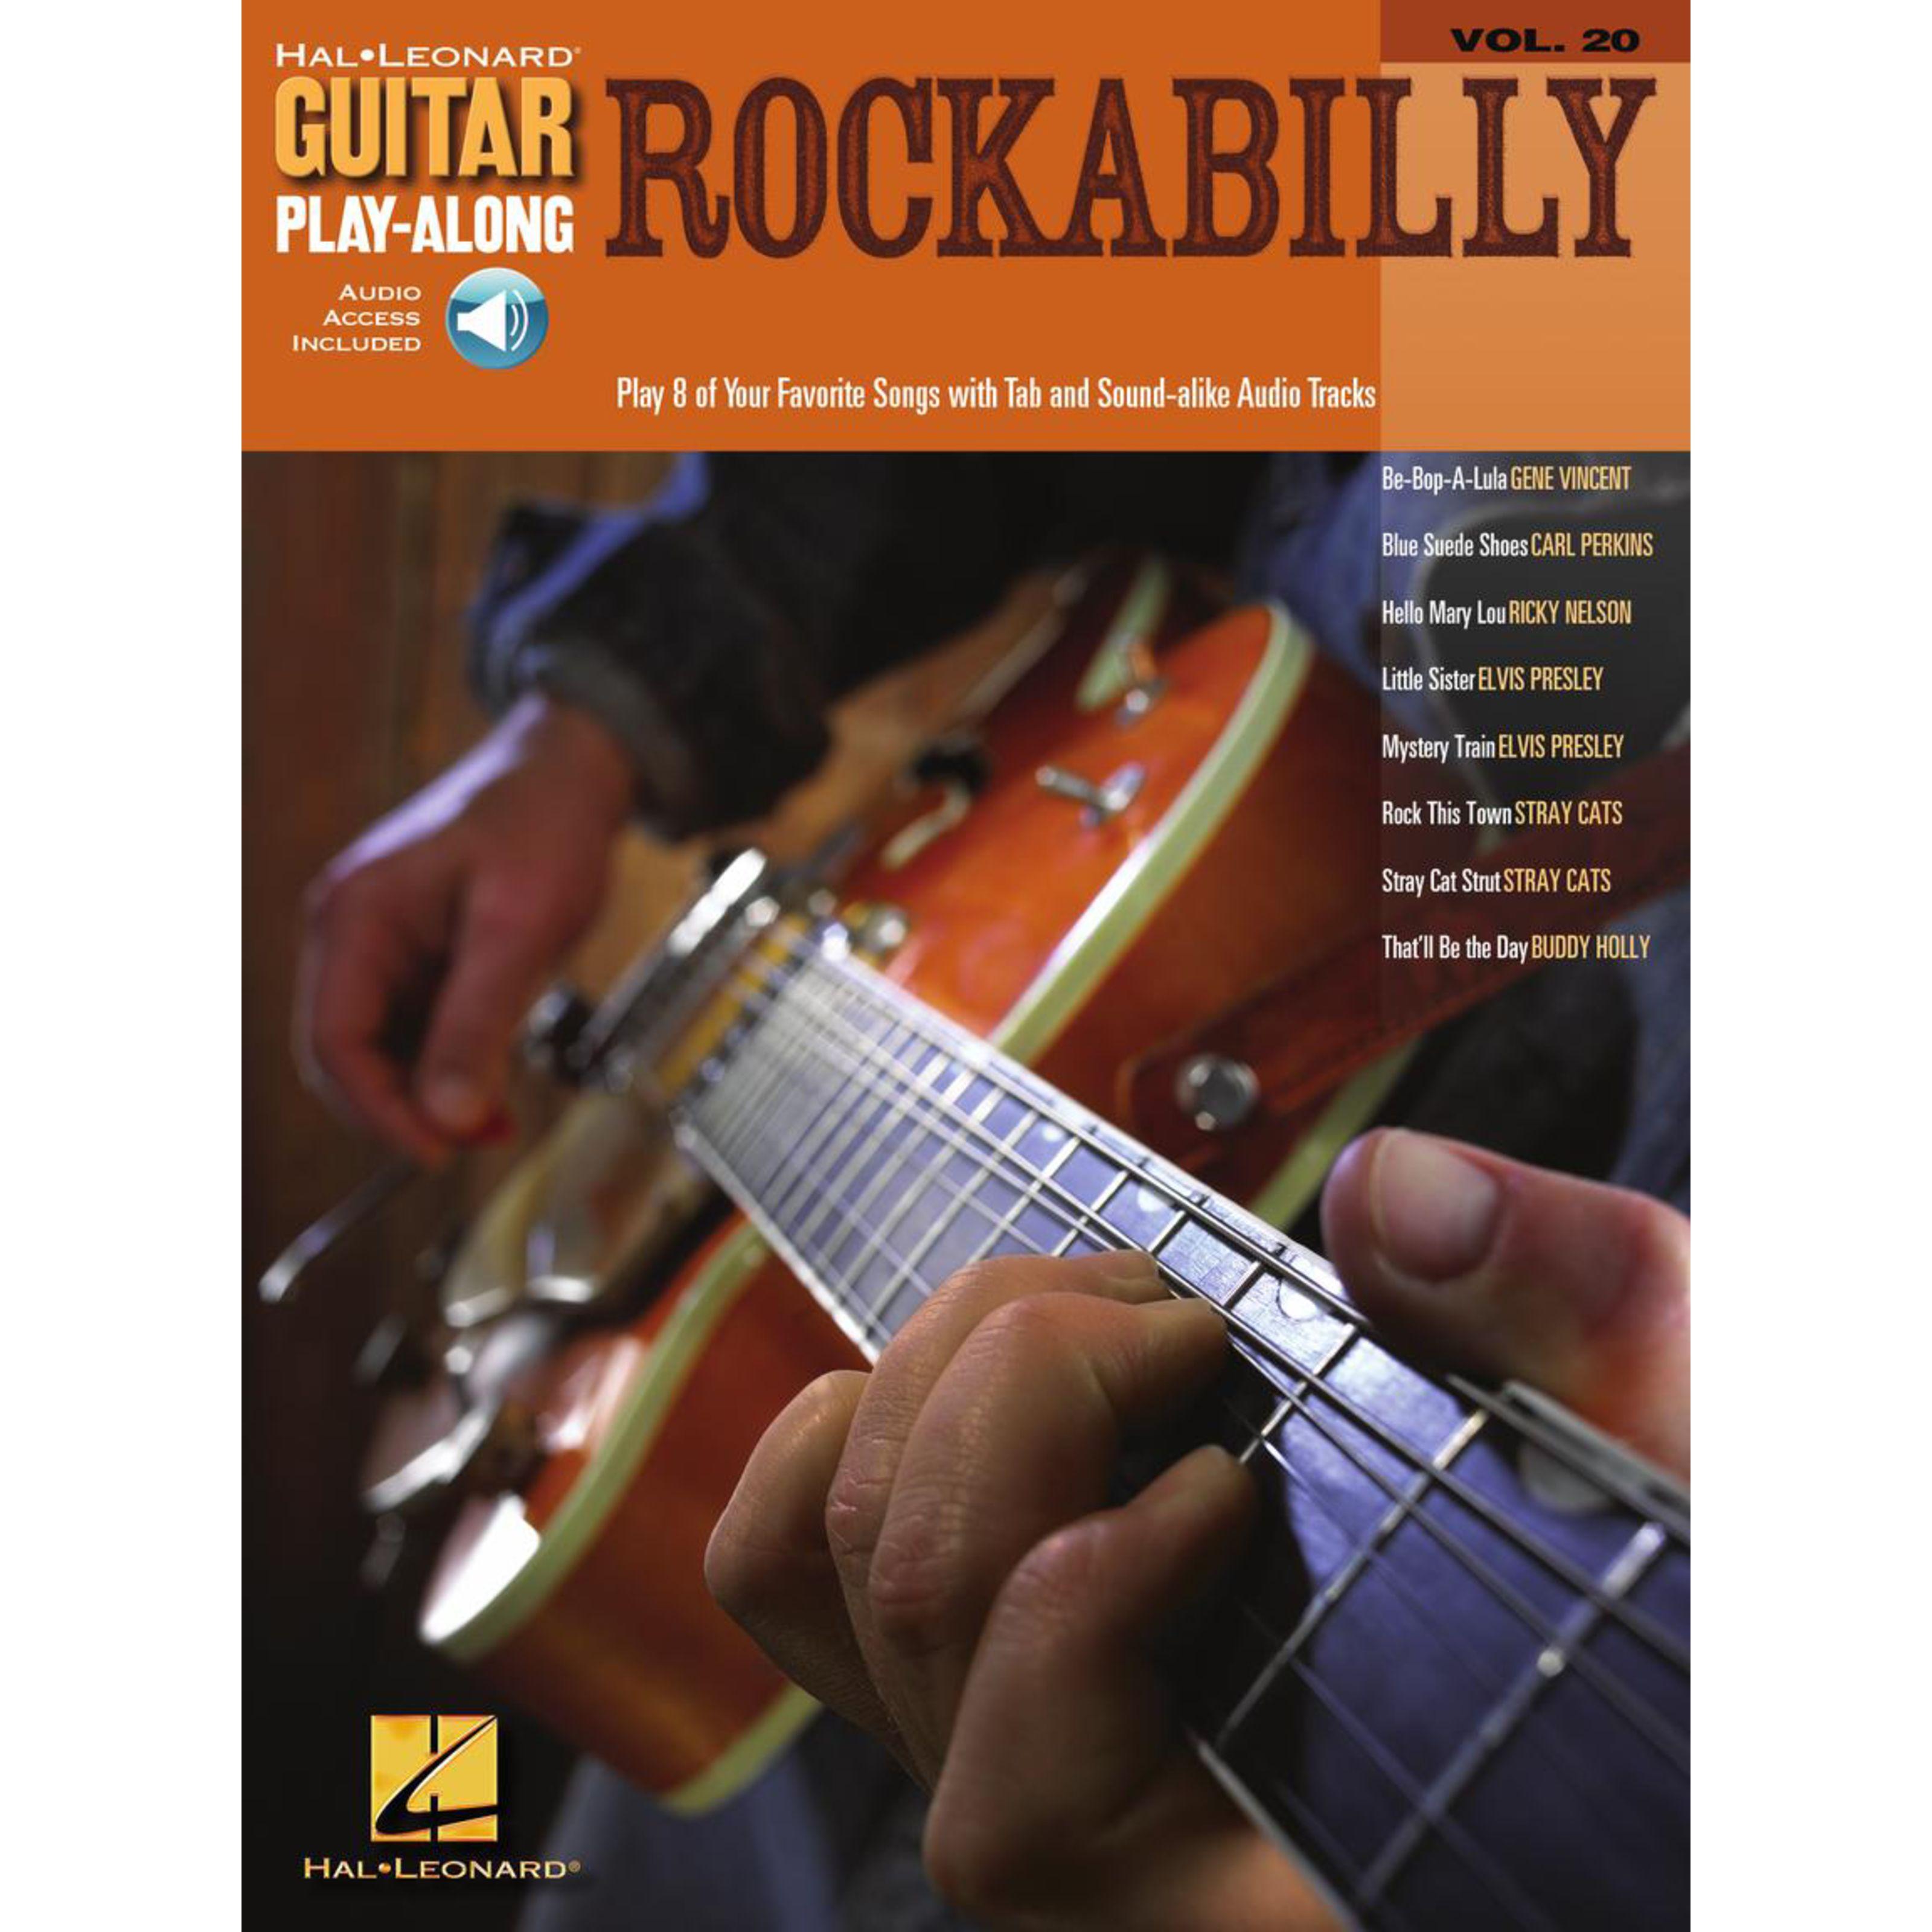 Hal Leonard - Guitar Play-Along: Rockabilly Vol. 20, TAB und CD